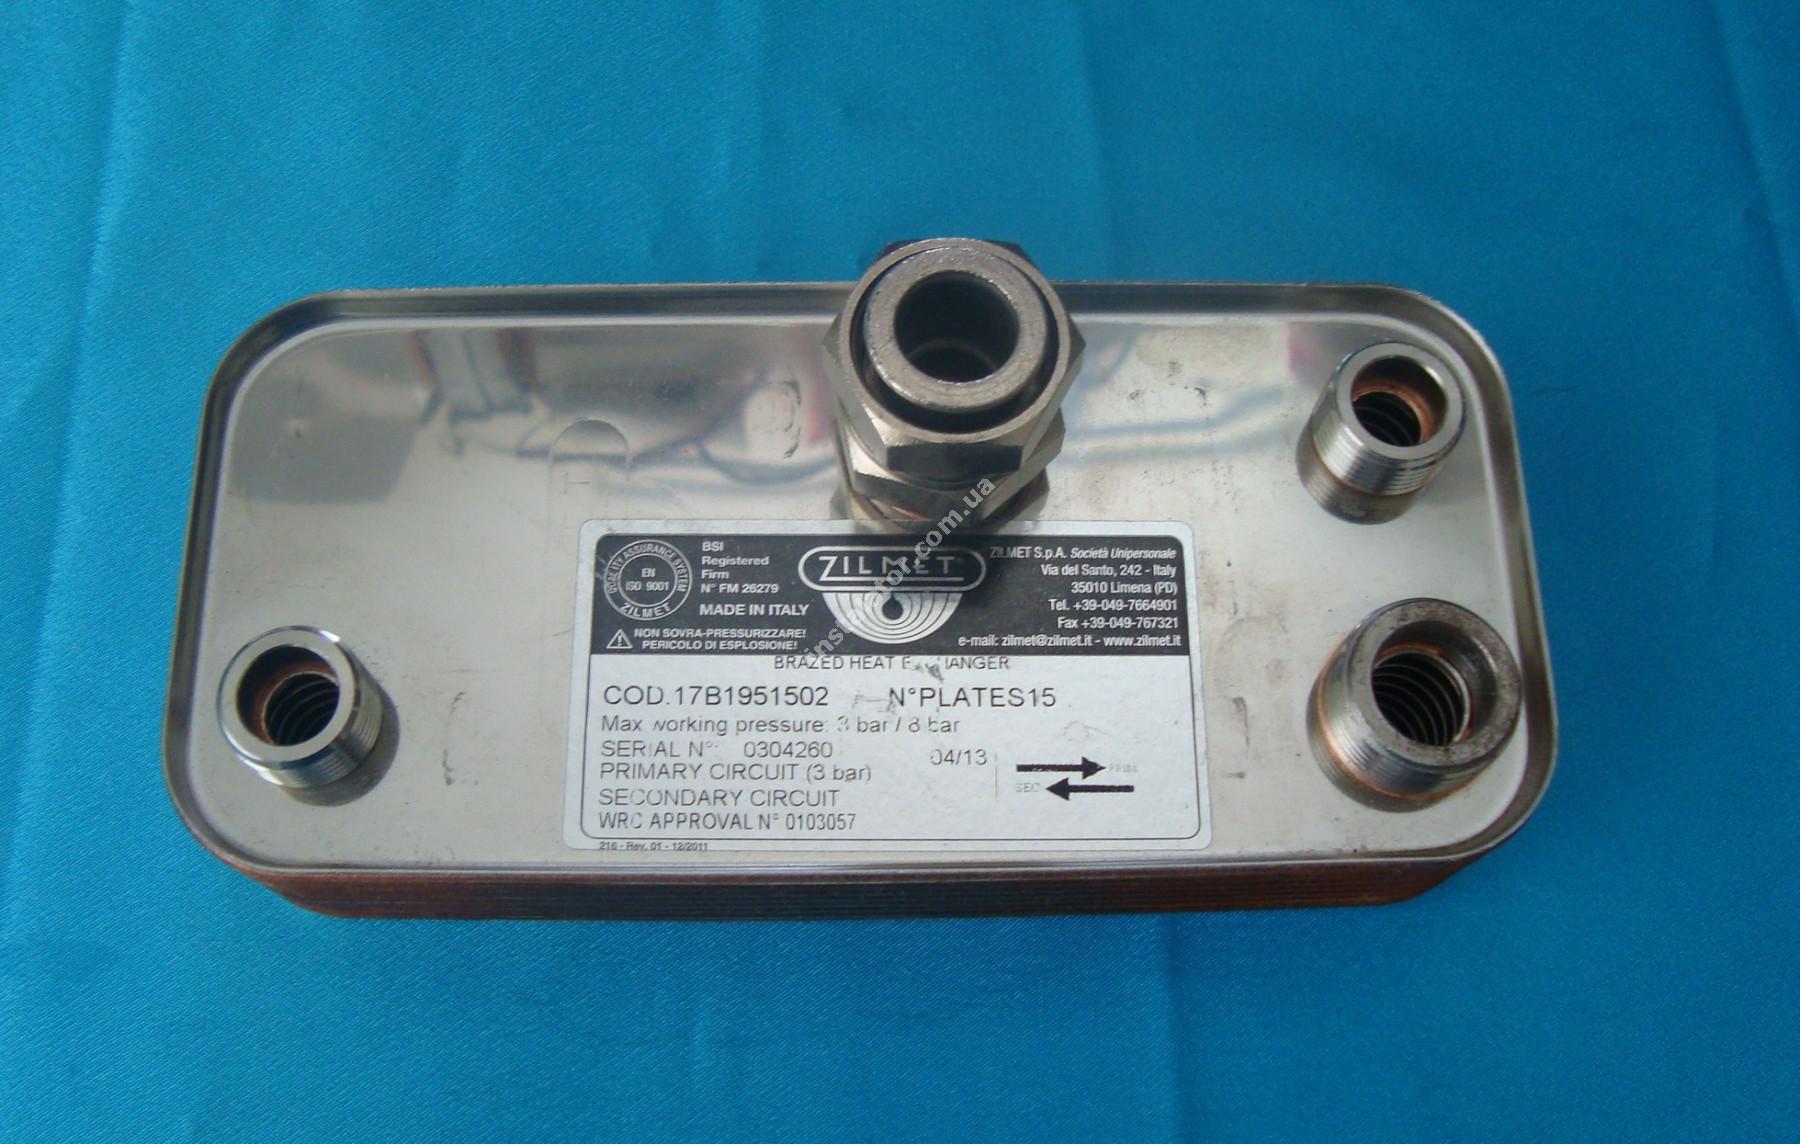 17B1951502 Теплообмінник вторинний ГВП 15 пластин  ZILMET full-image-1